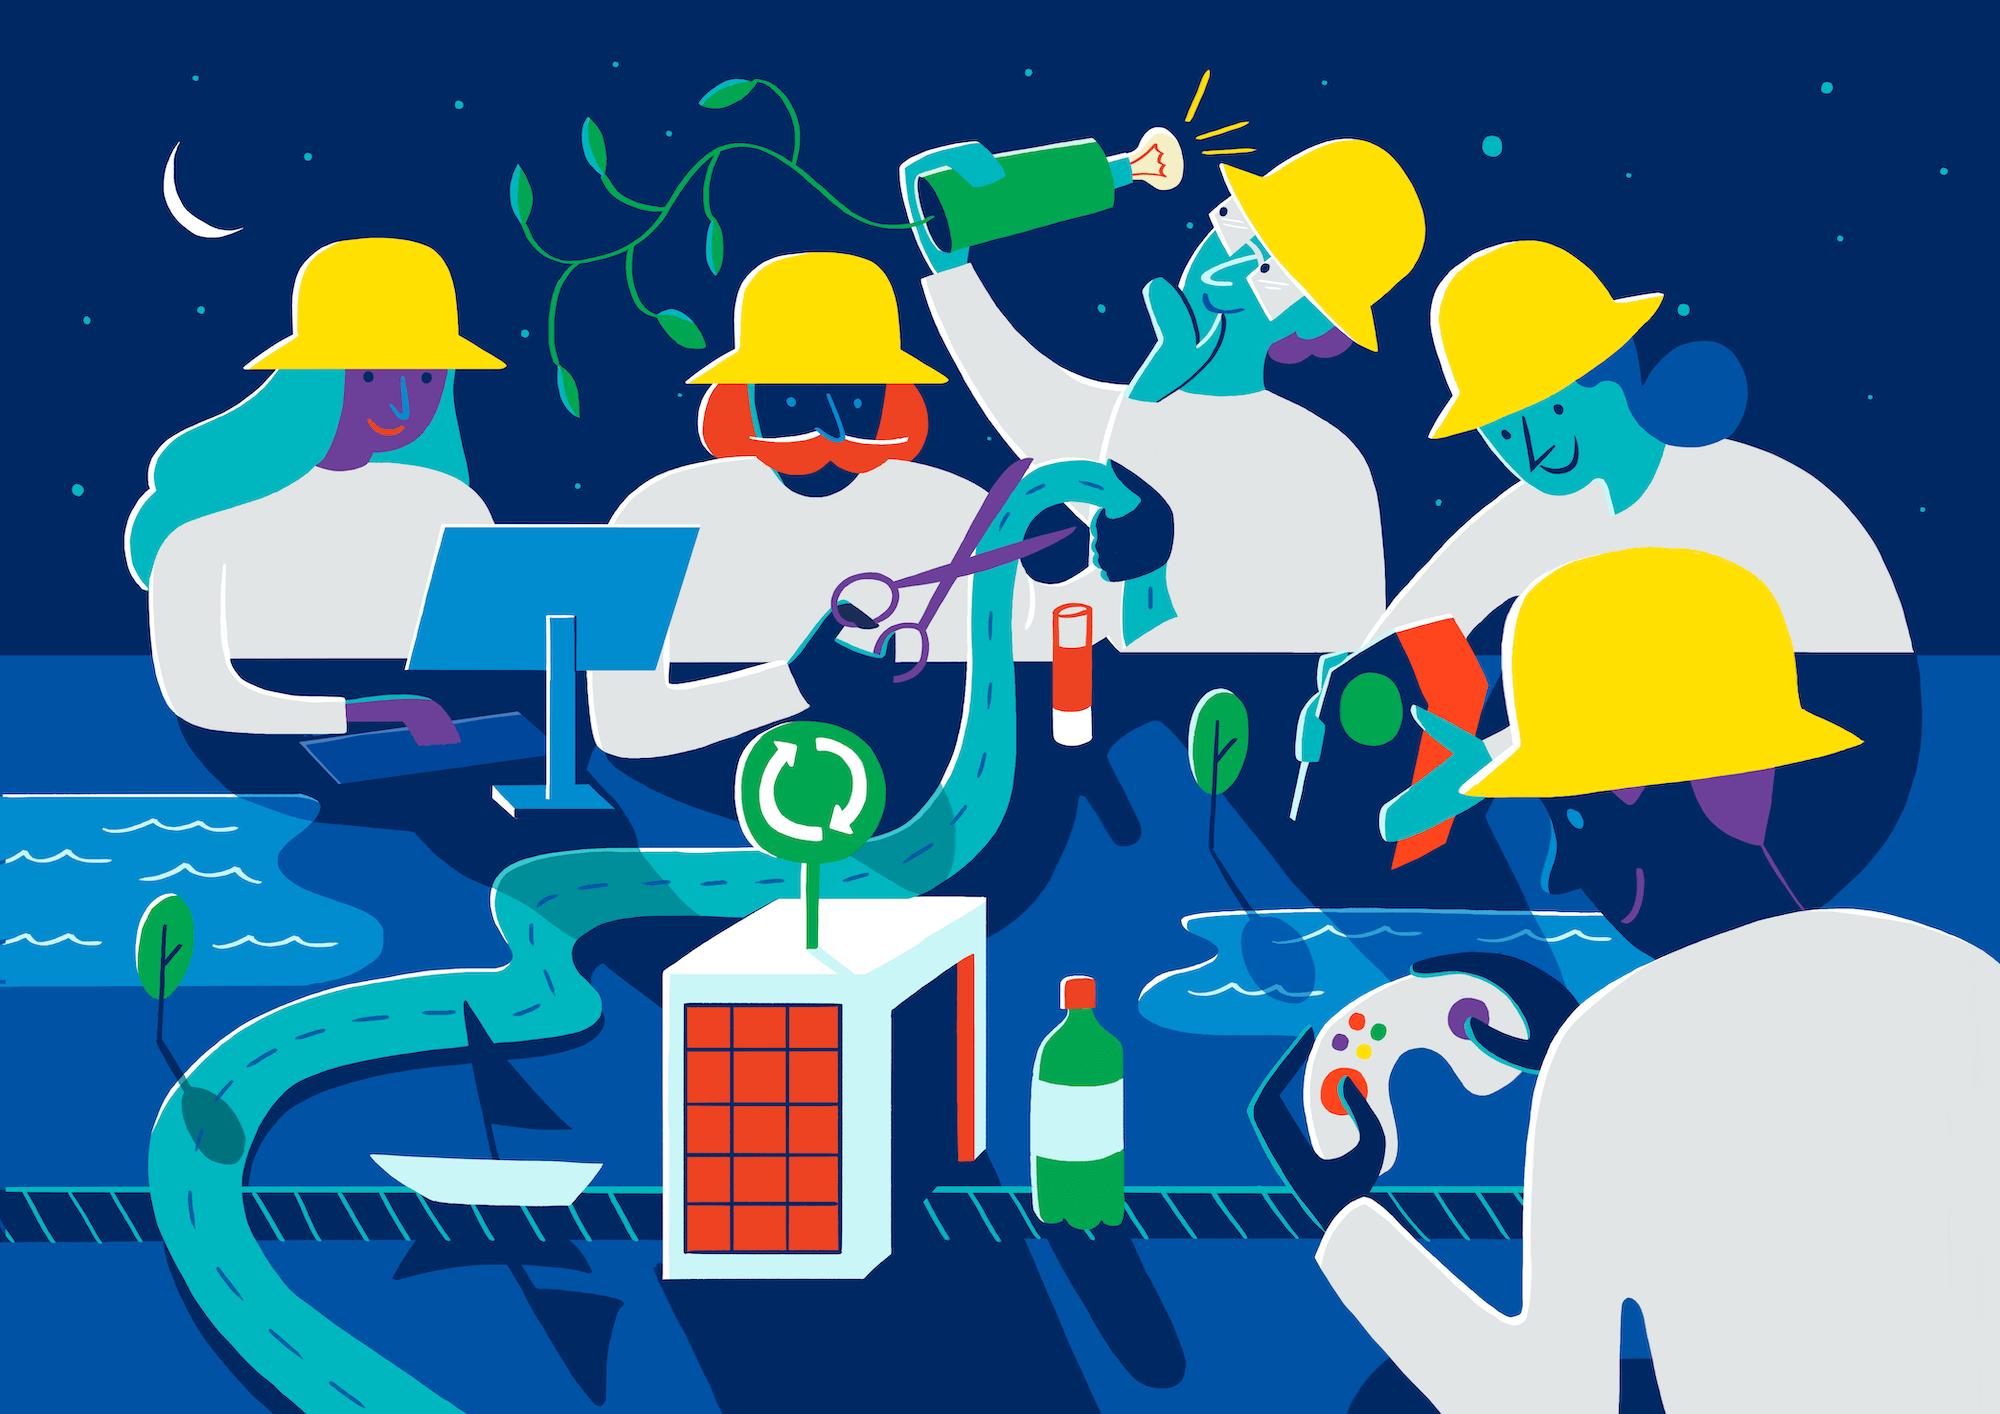 Illustrasjon av forskere som tester nye ting i en by